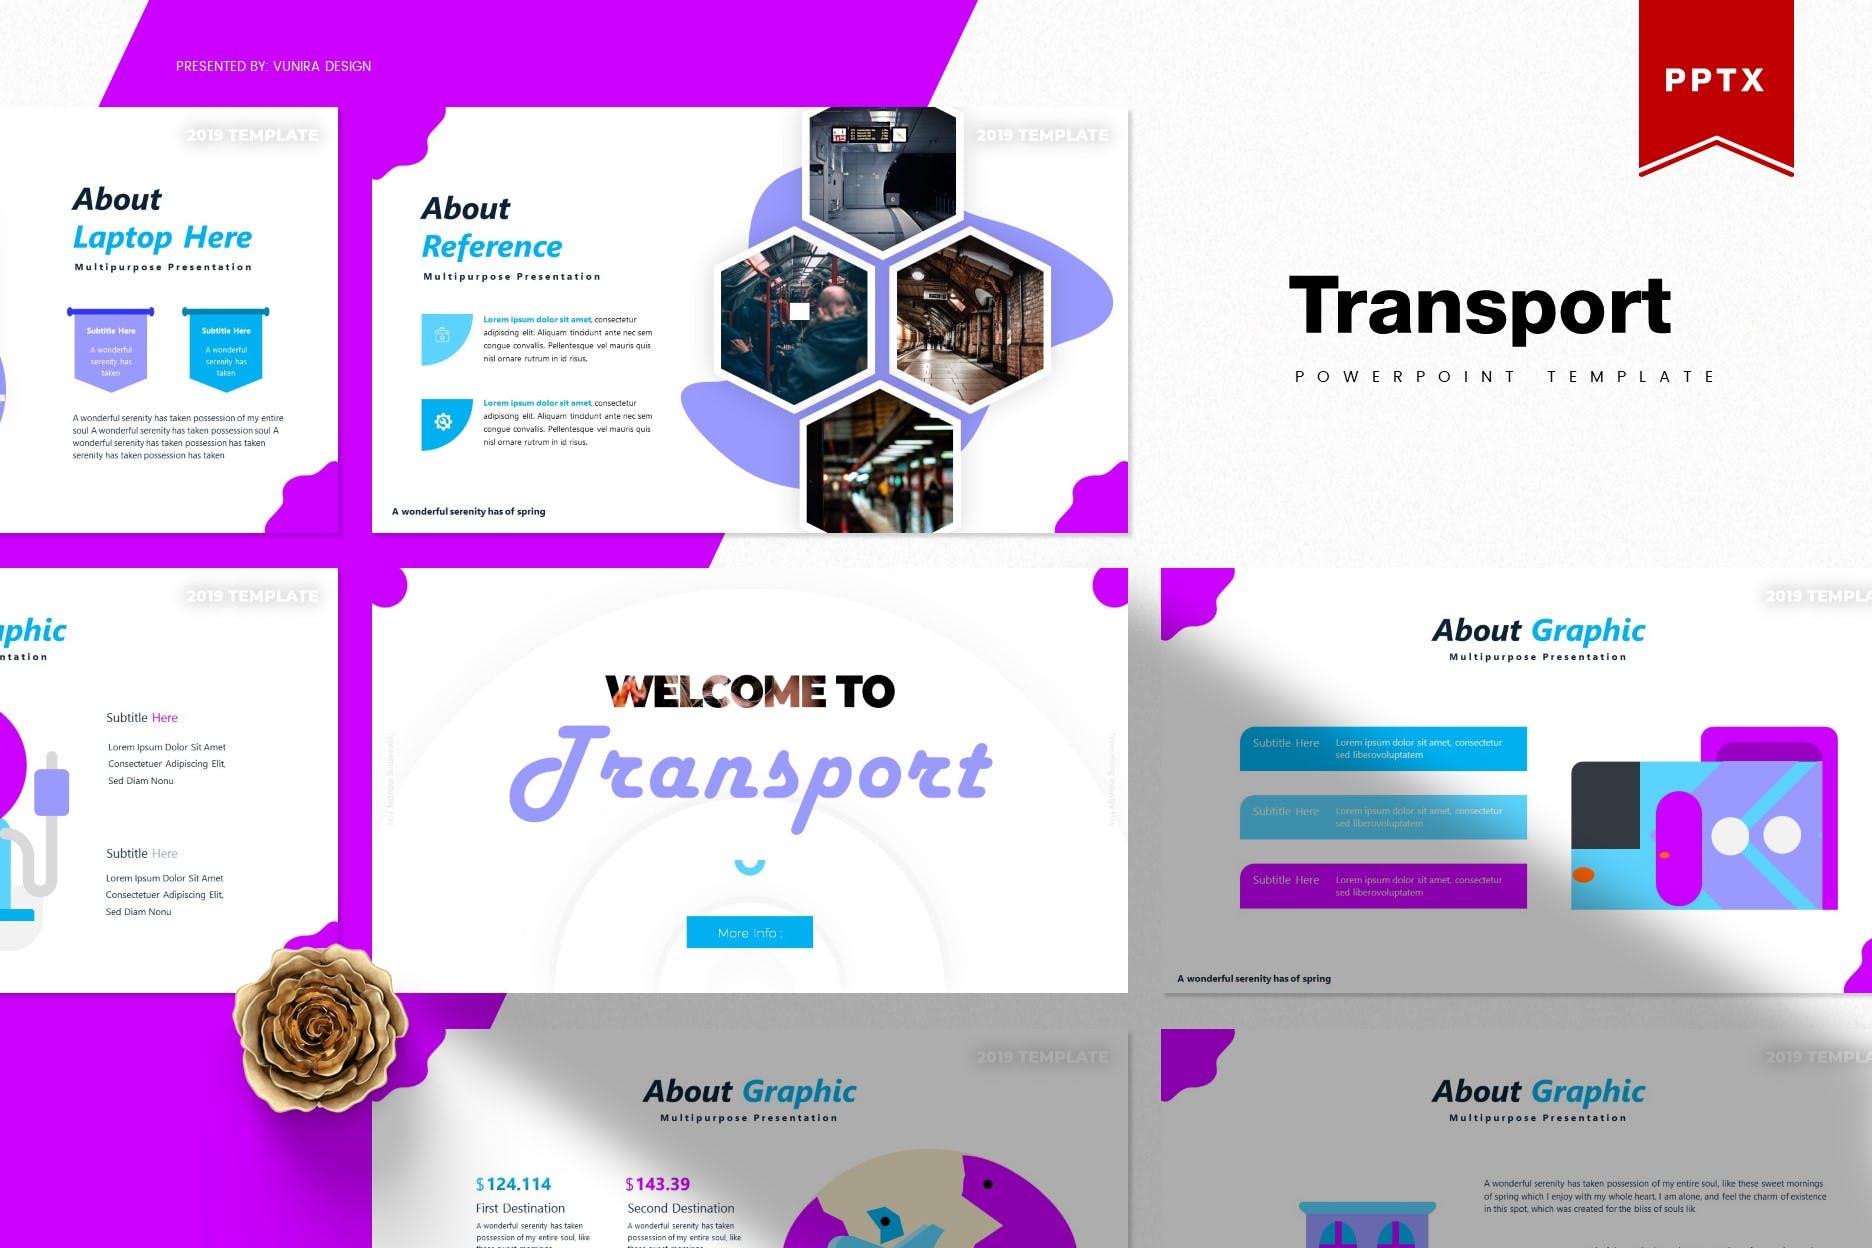 互联网融资企业路演宣讲PPT幻灯片模板Transport Powerpoint Template插图